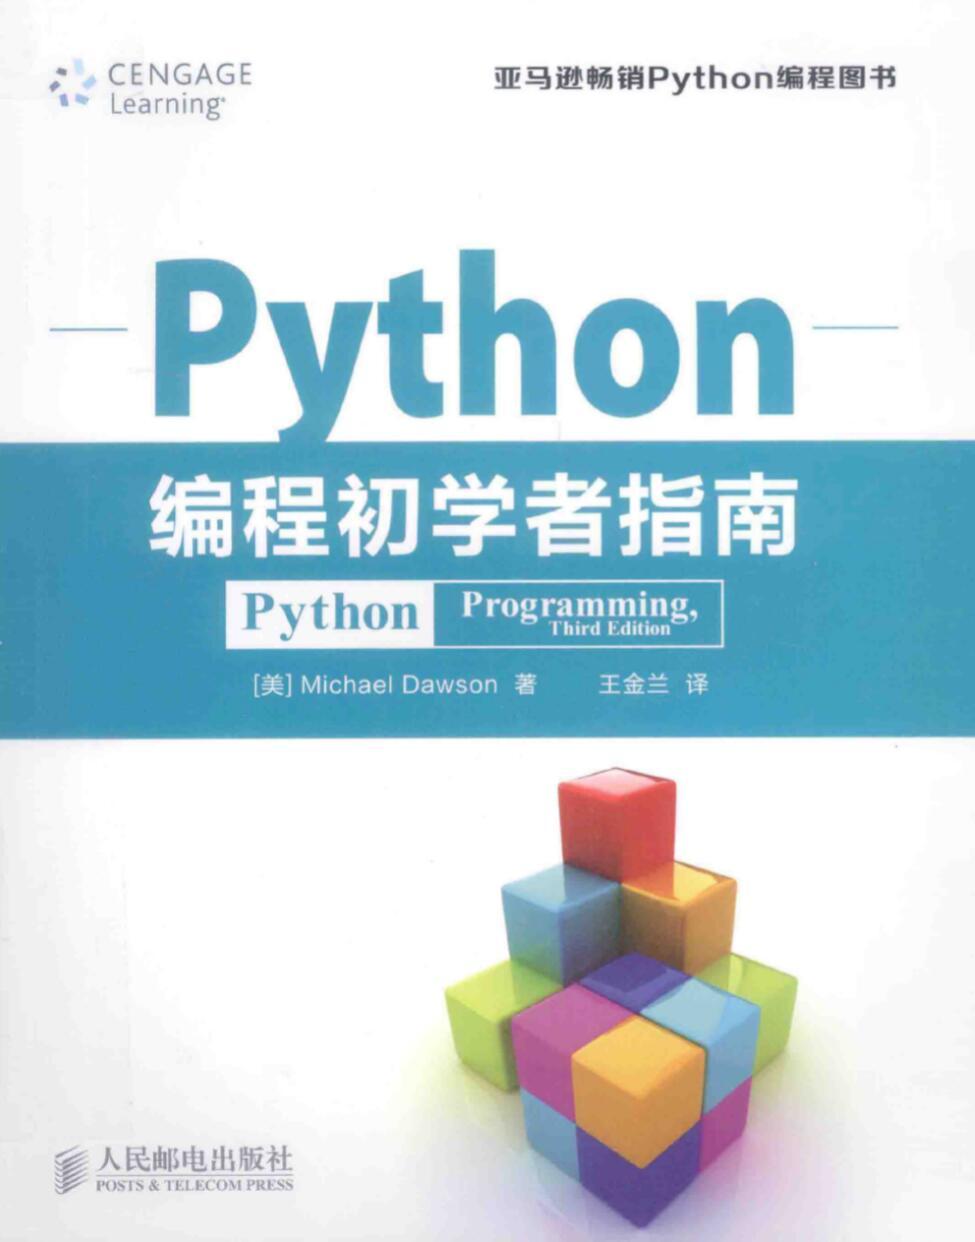 Python编程初学者指南书籍,血饮资源网